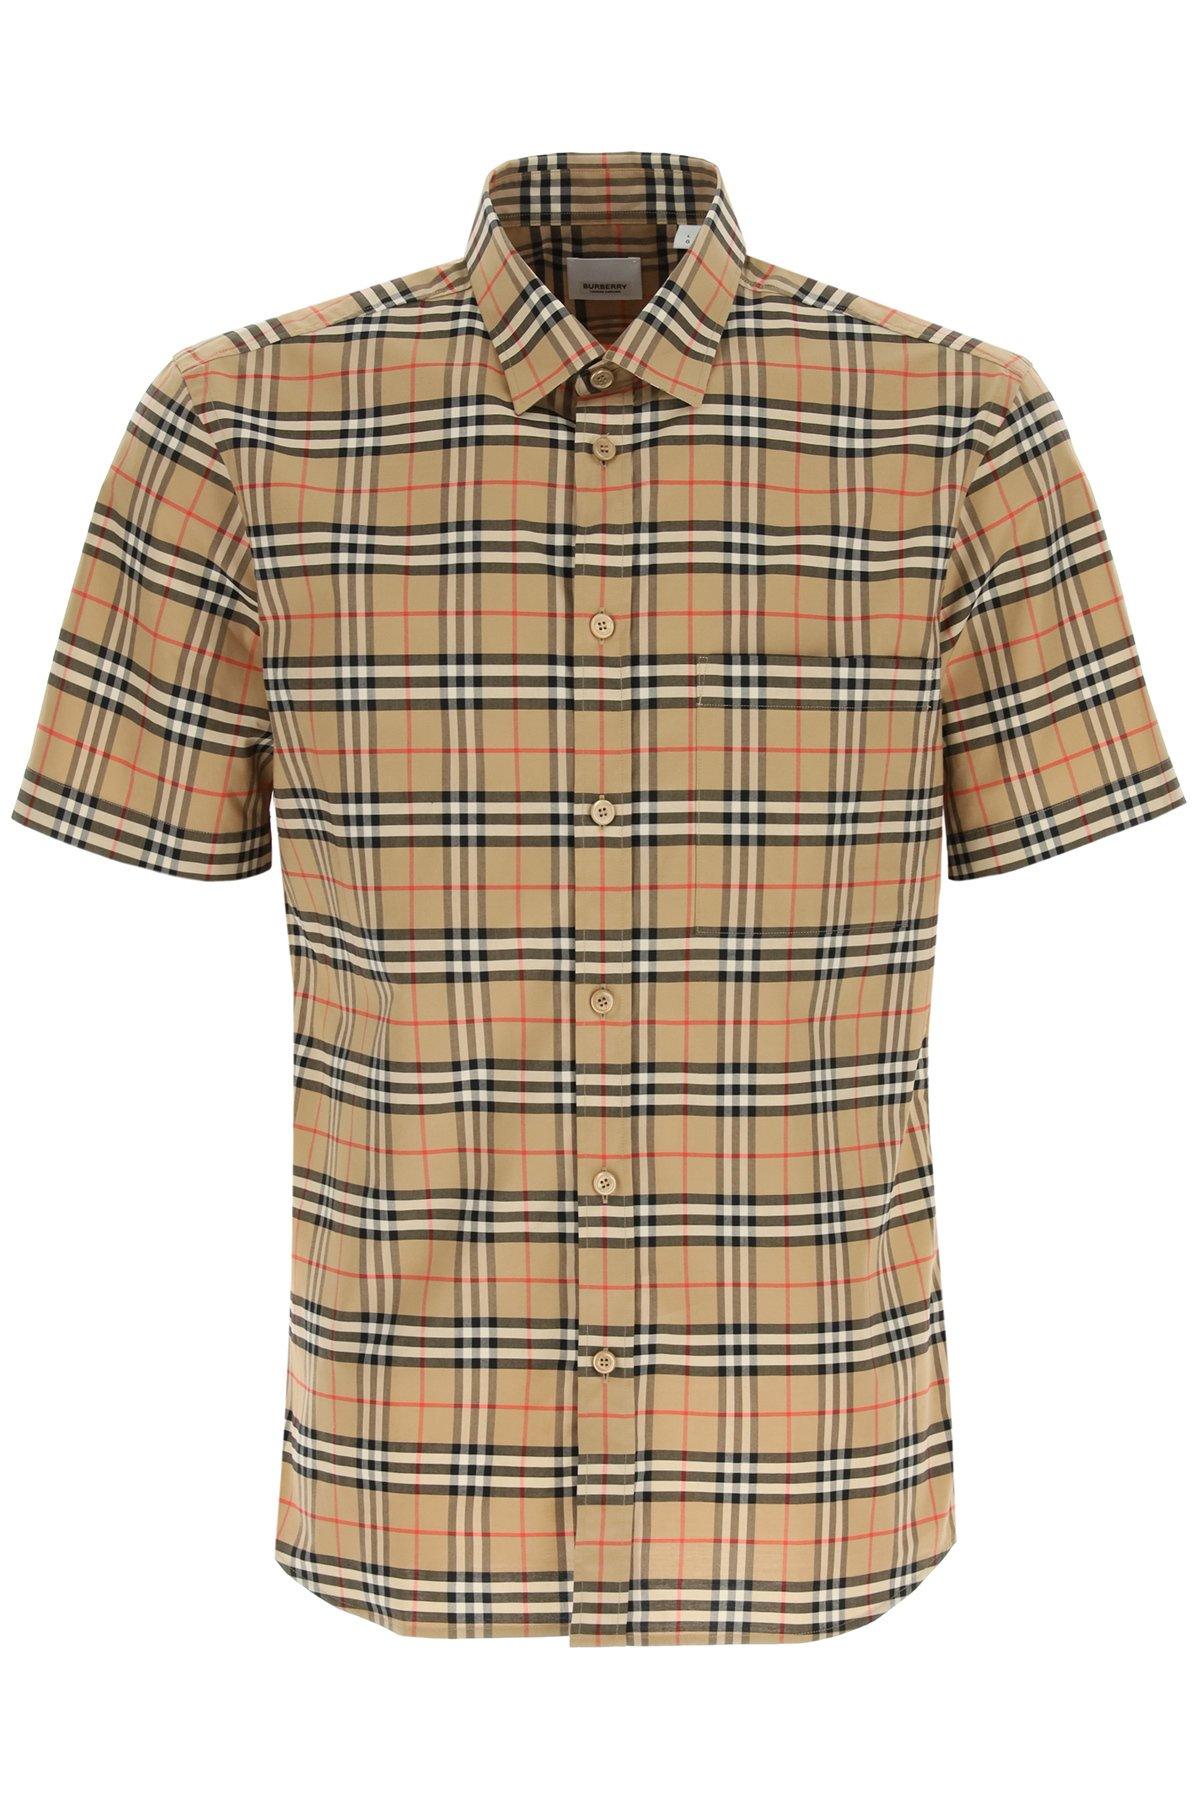 Burberry camicia simpson con motivo tartan